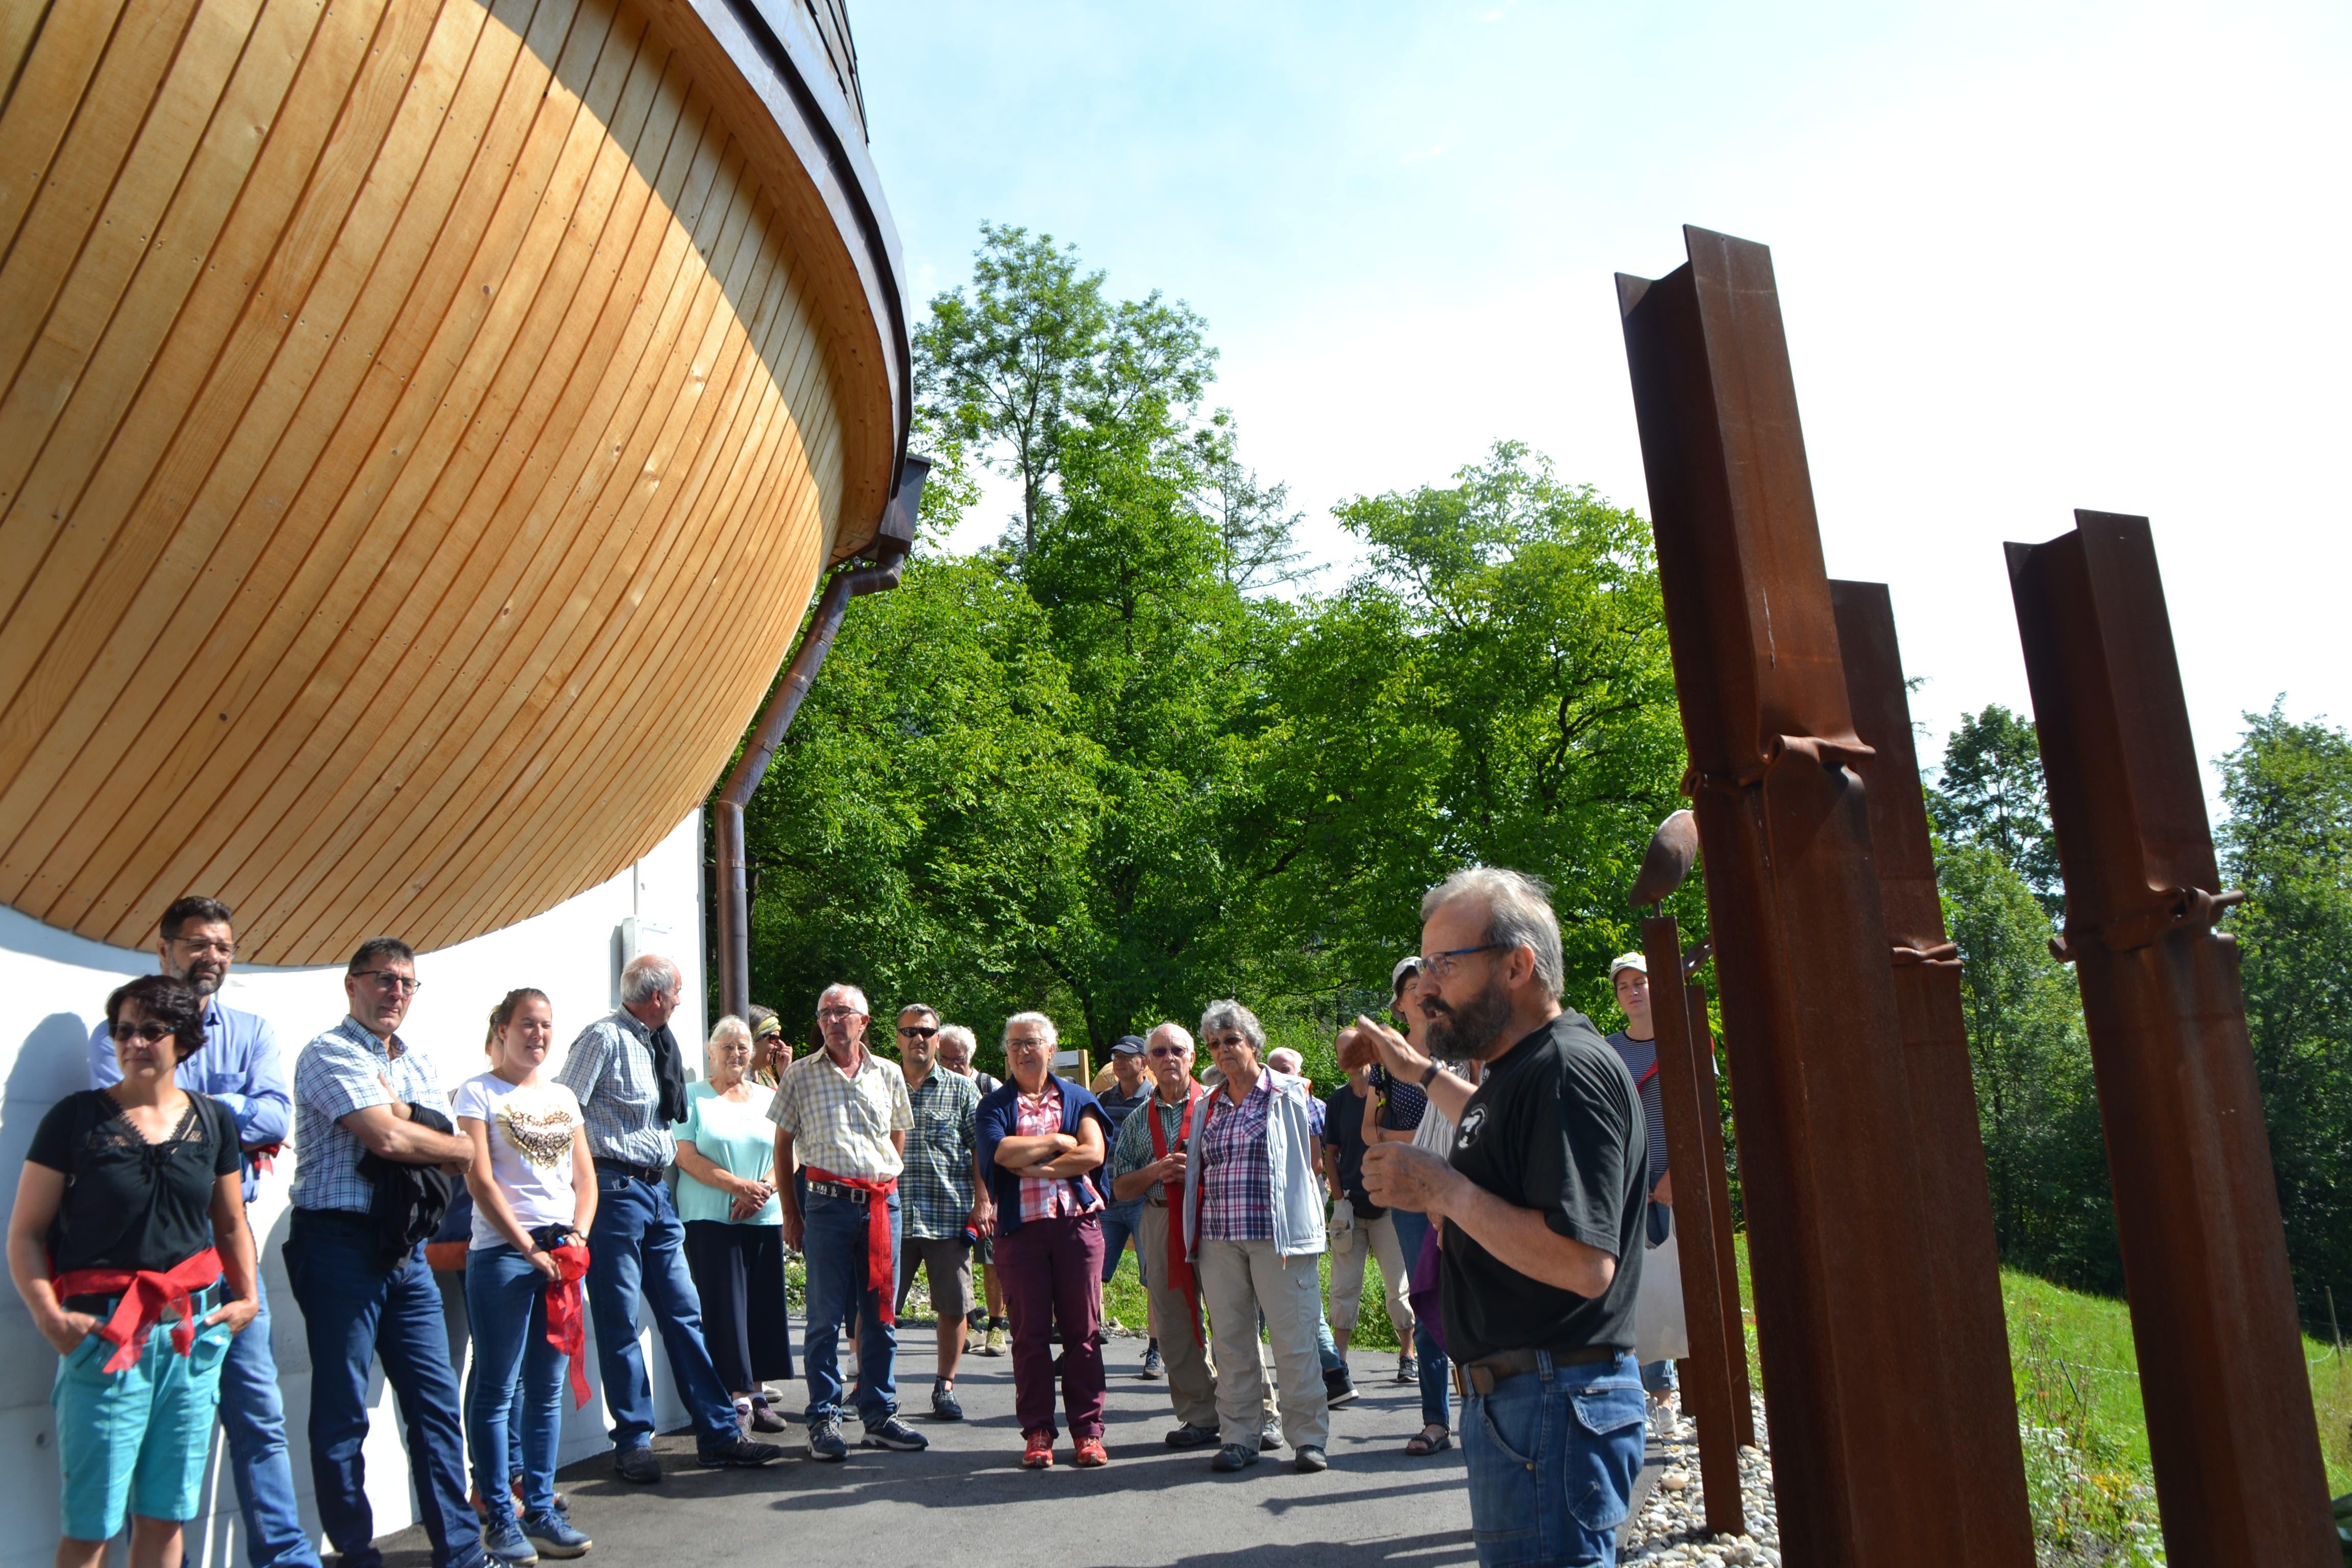 Christof Friedrich, Erbauer der Stahlplastik «Nussknacker» erläutert den Gästen sein Werk.